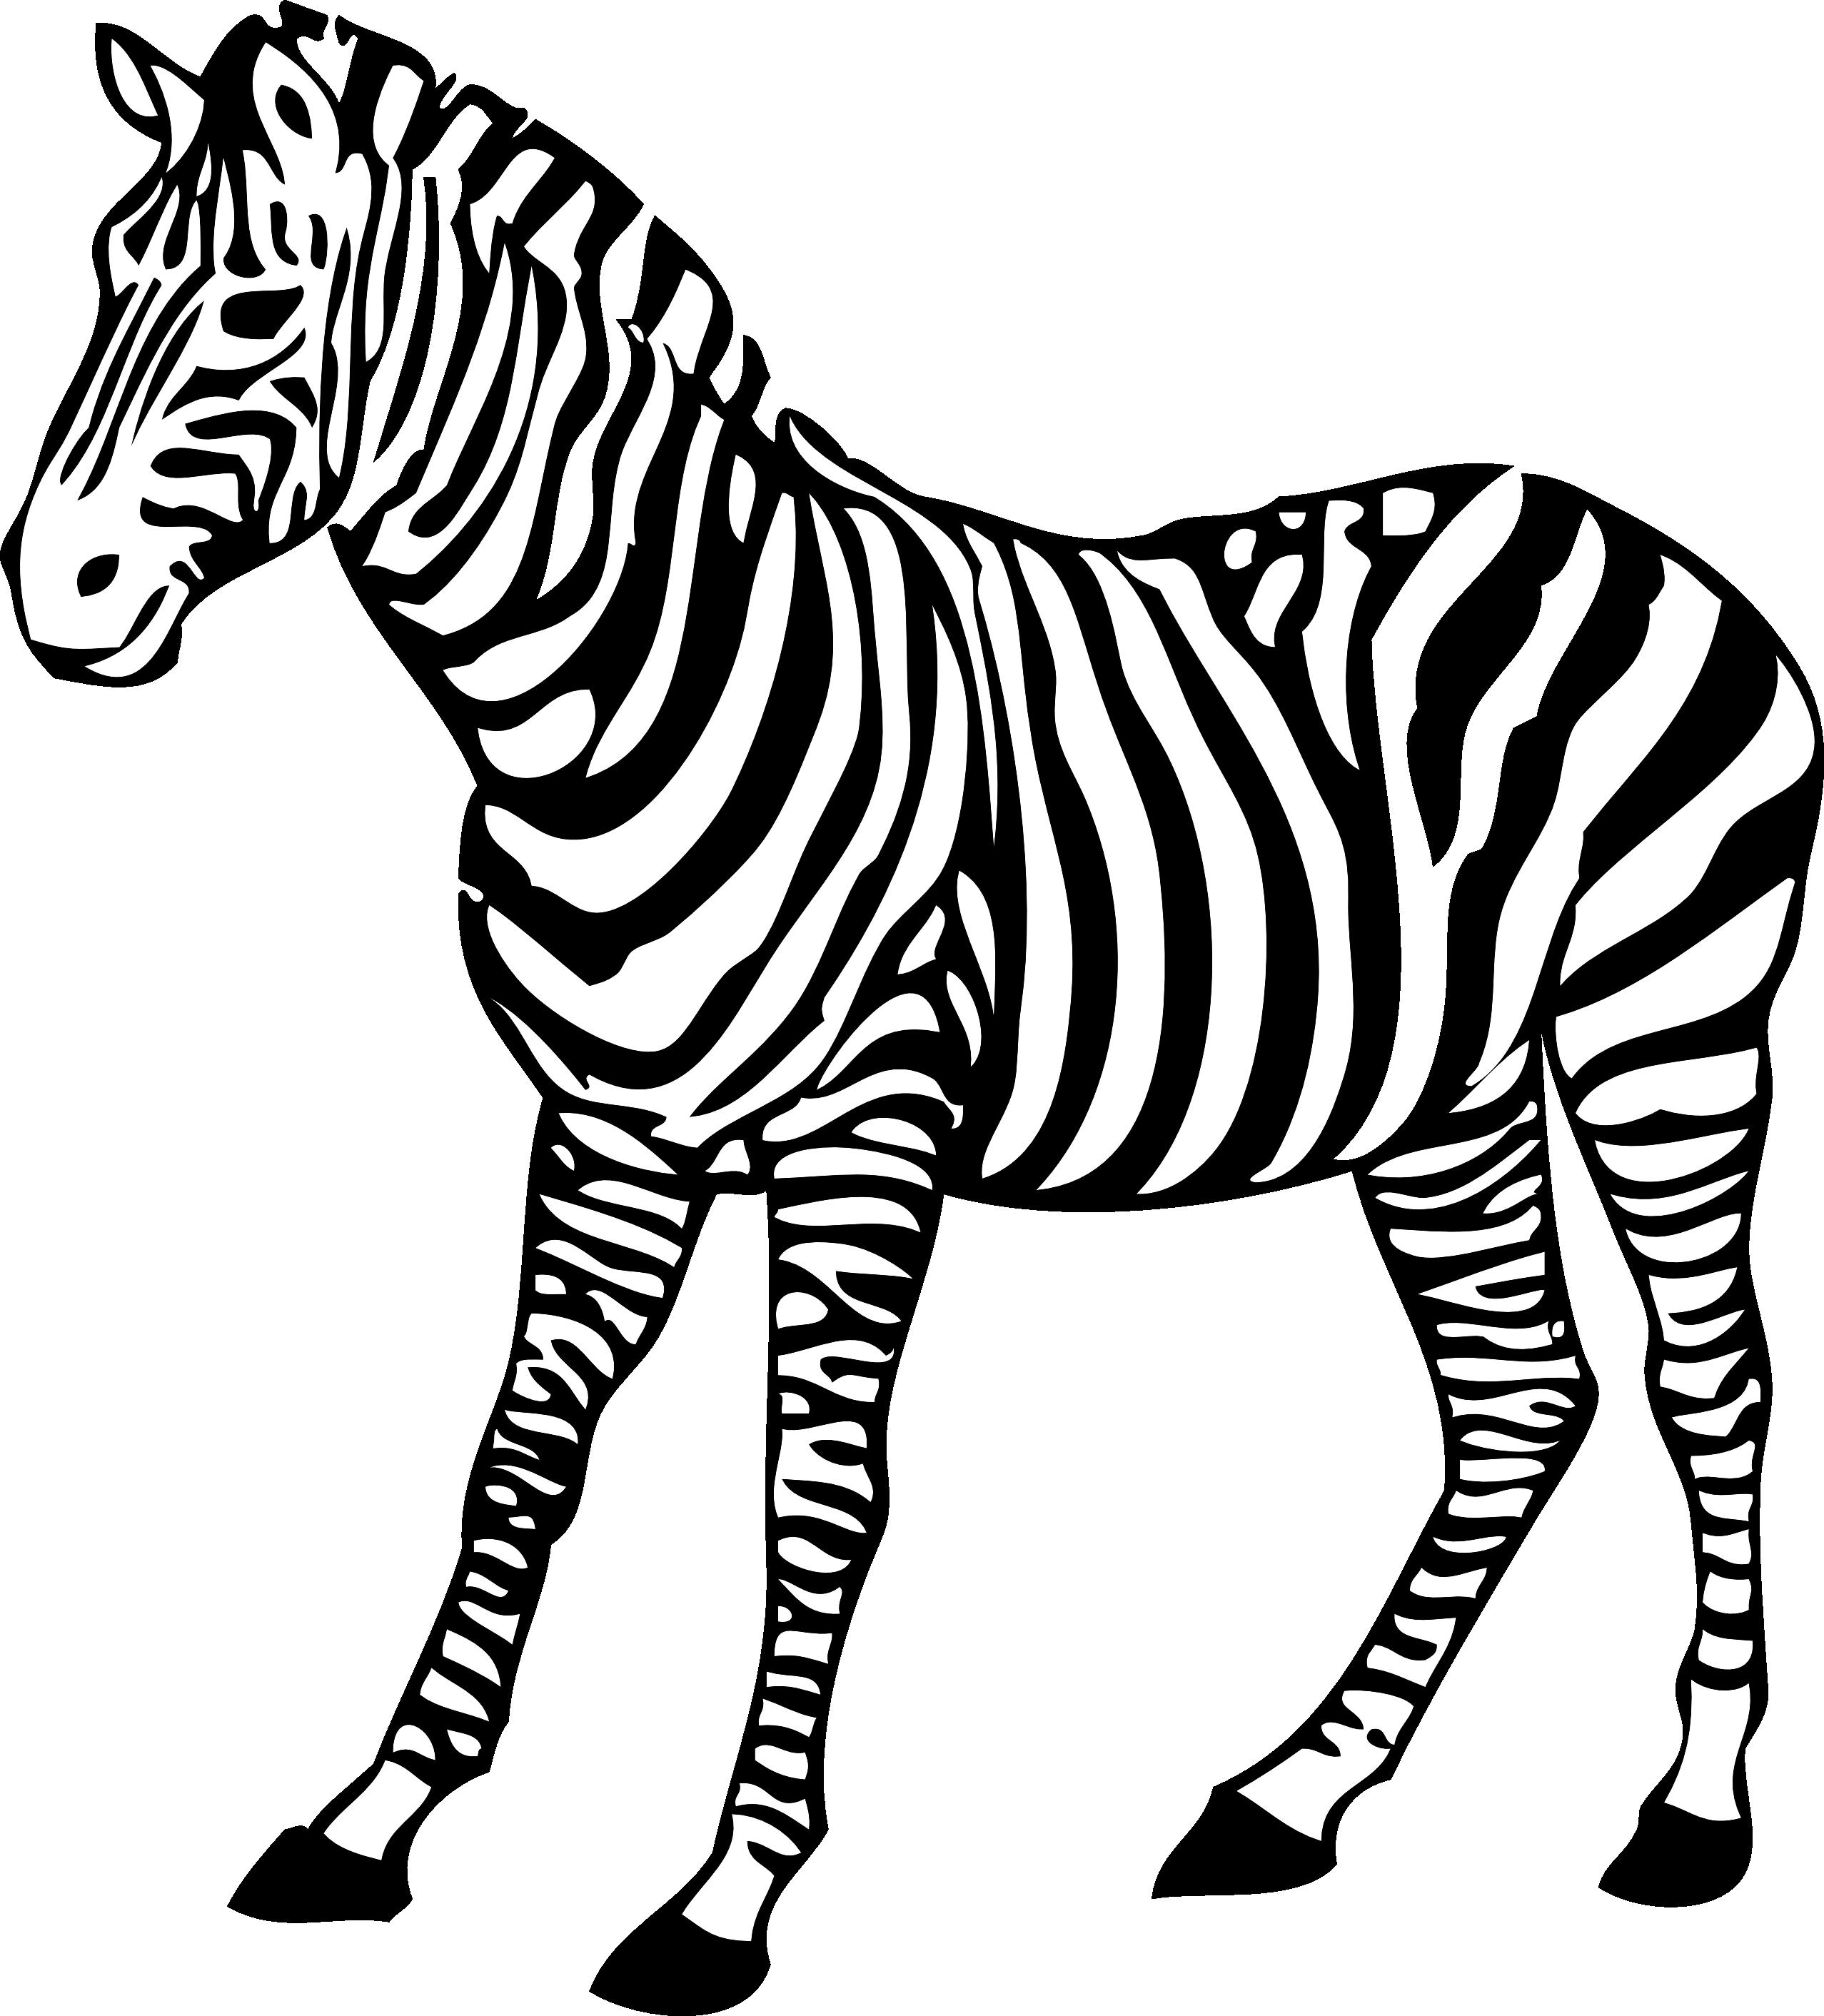 Zebra Clip Art 1 - Zebra Clipart